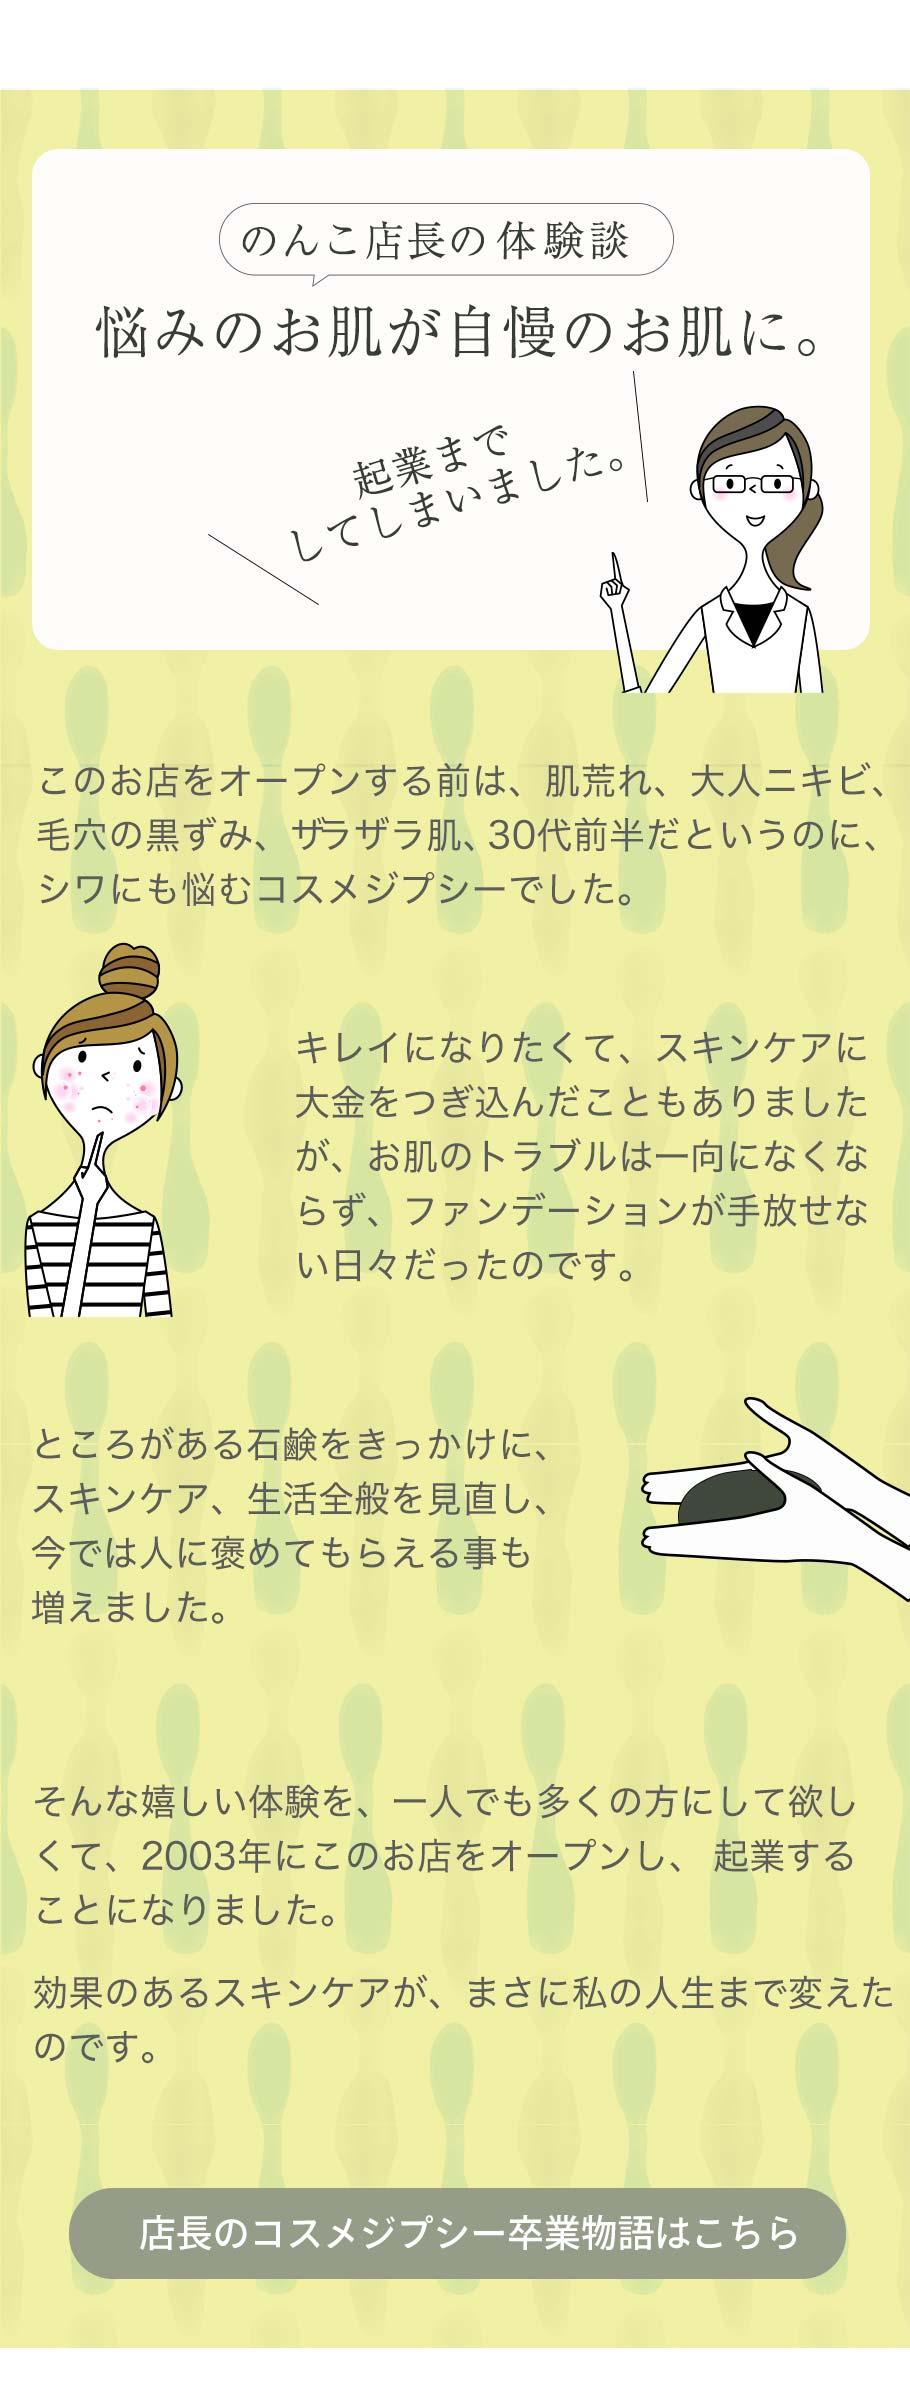 店長体験談・コスメジプシー物語